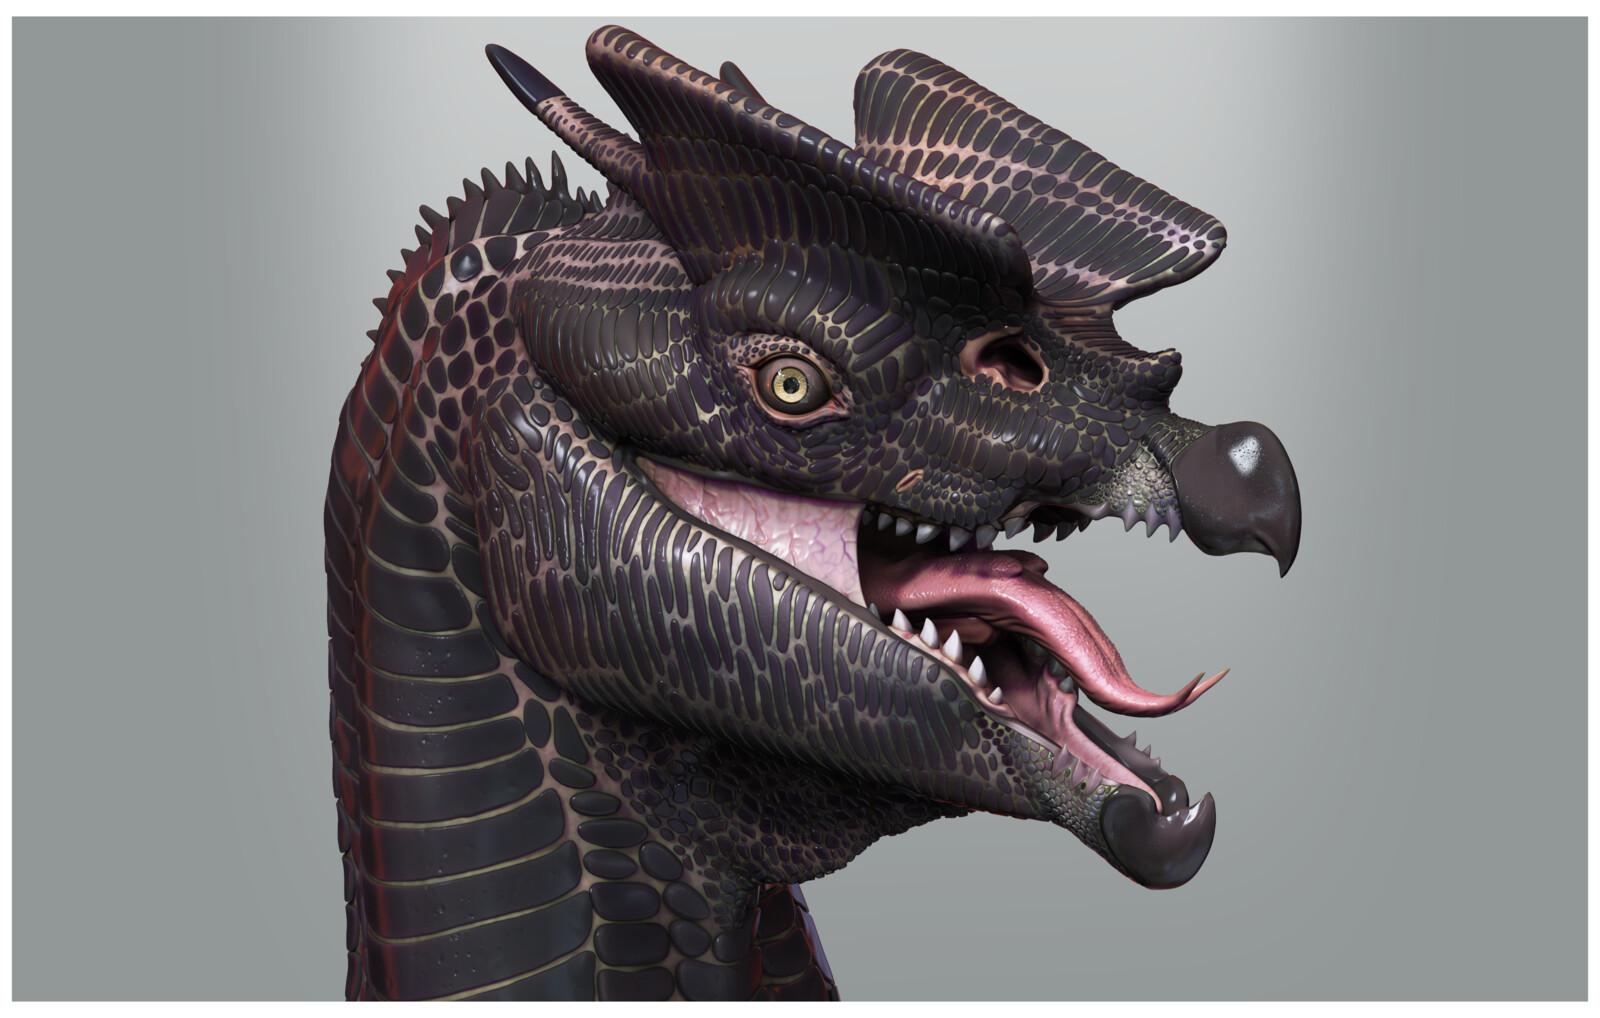 Crested Cliffdrake 3D sculpture